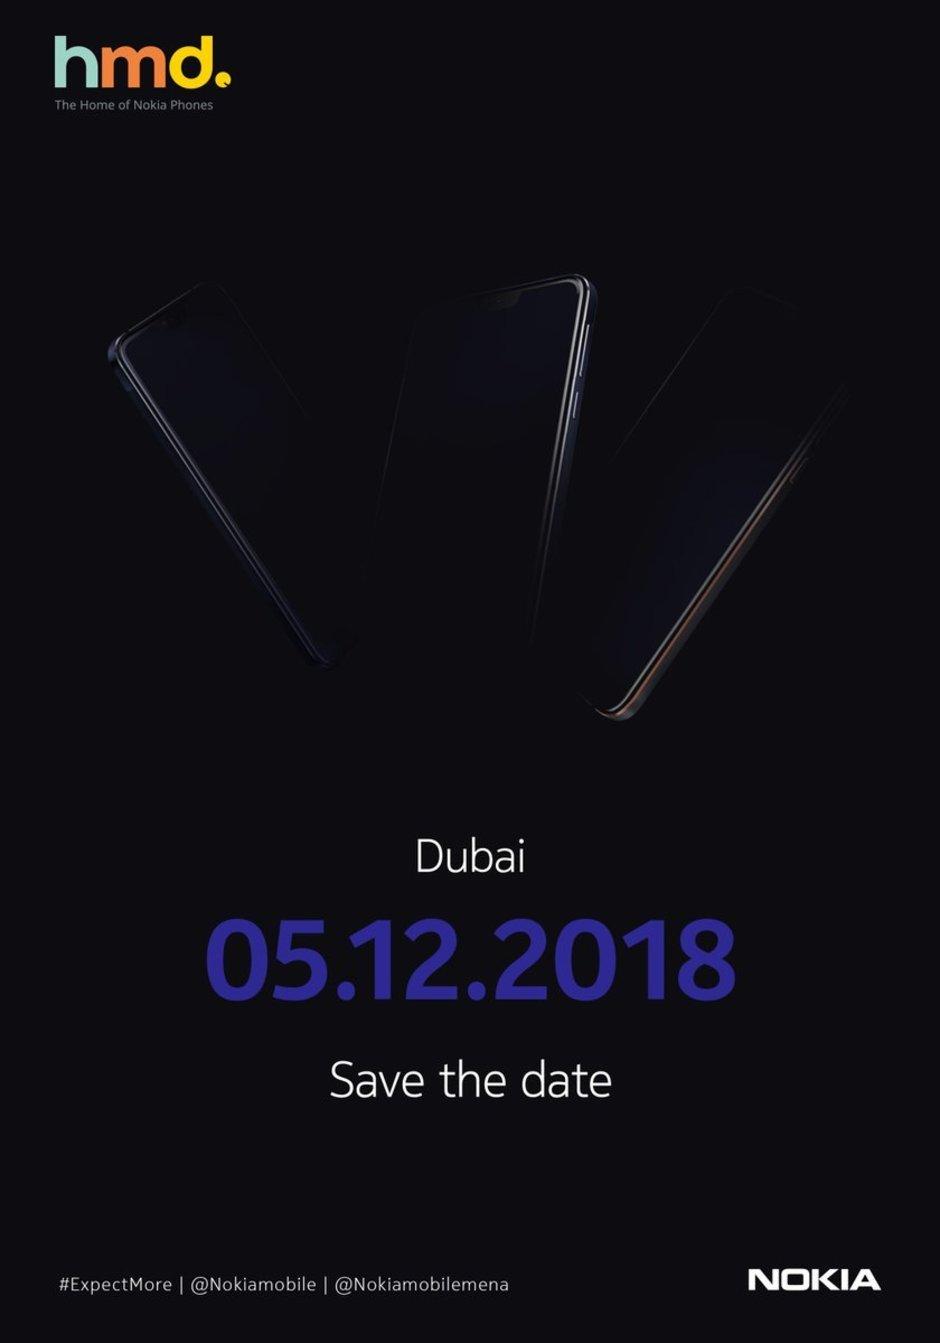 Nokia-December-event